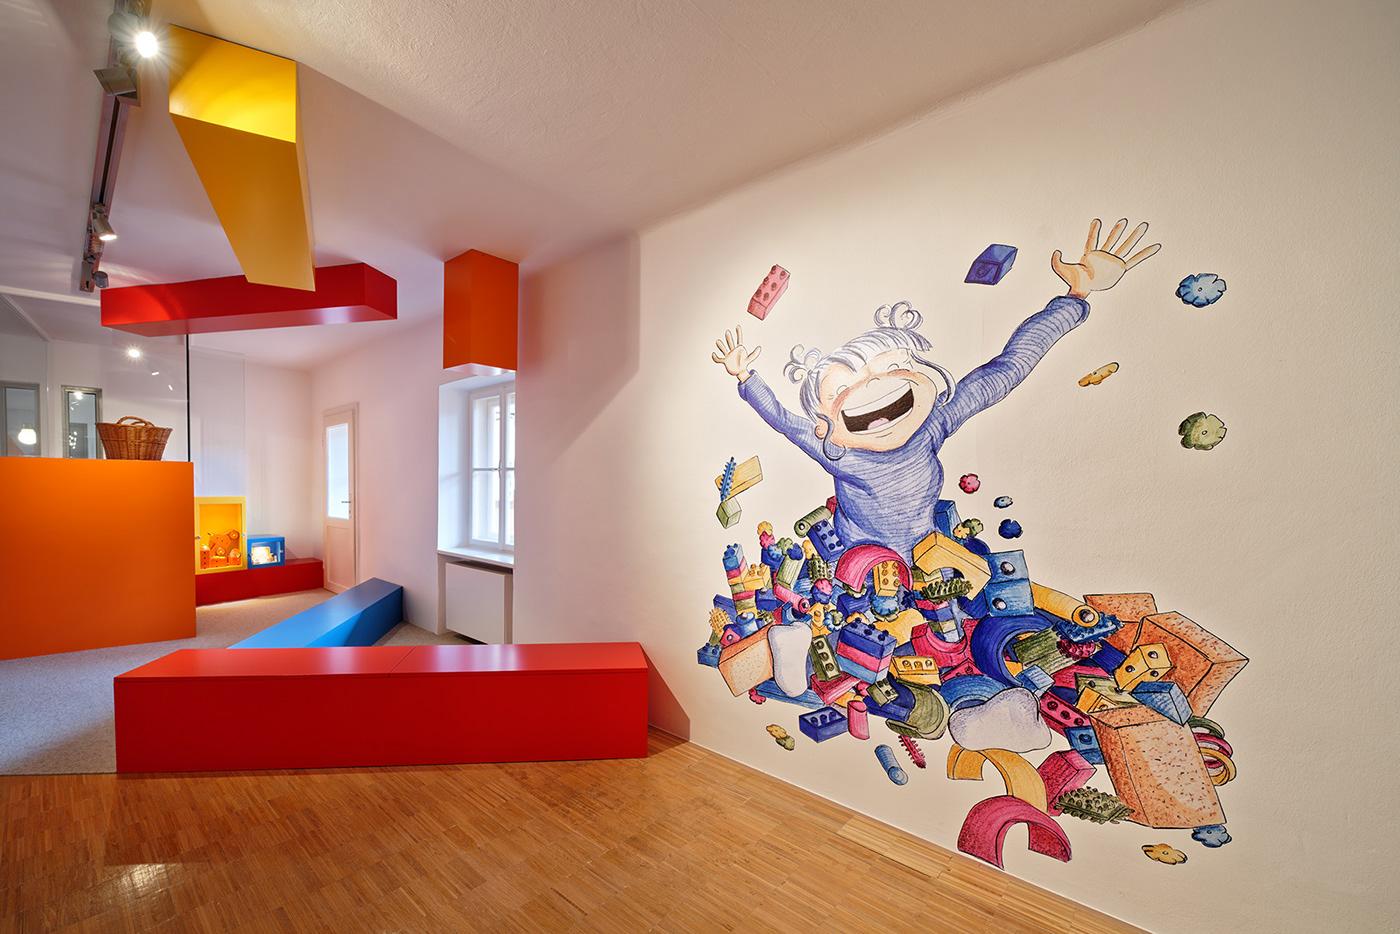 Exhibition  exhibitiondesign graphicdesign toymuseum wirsindartisten